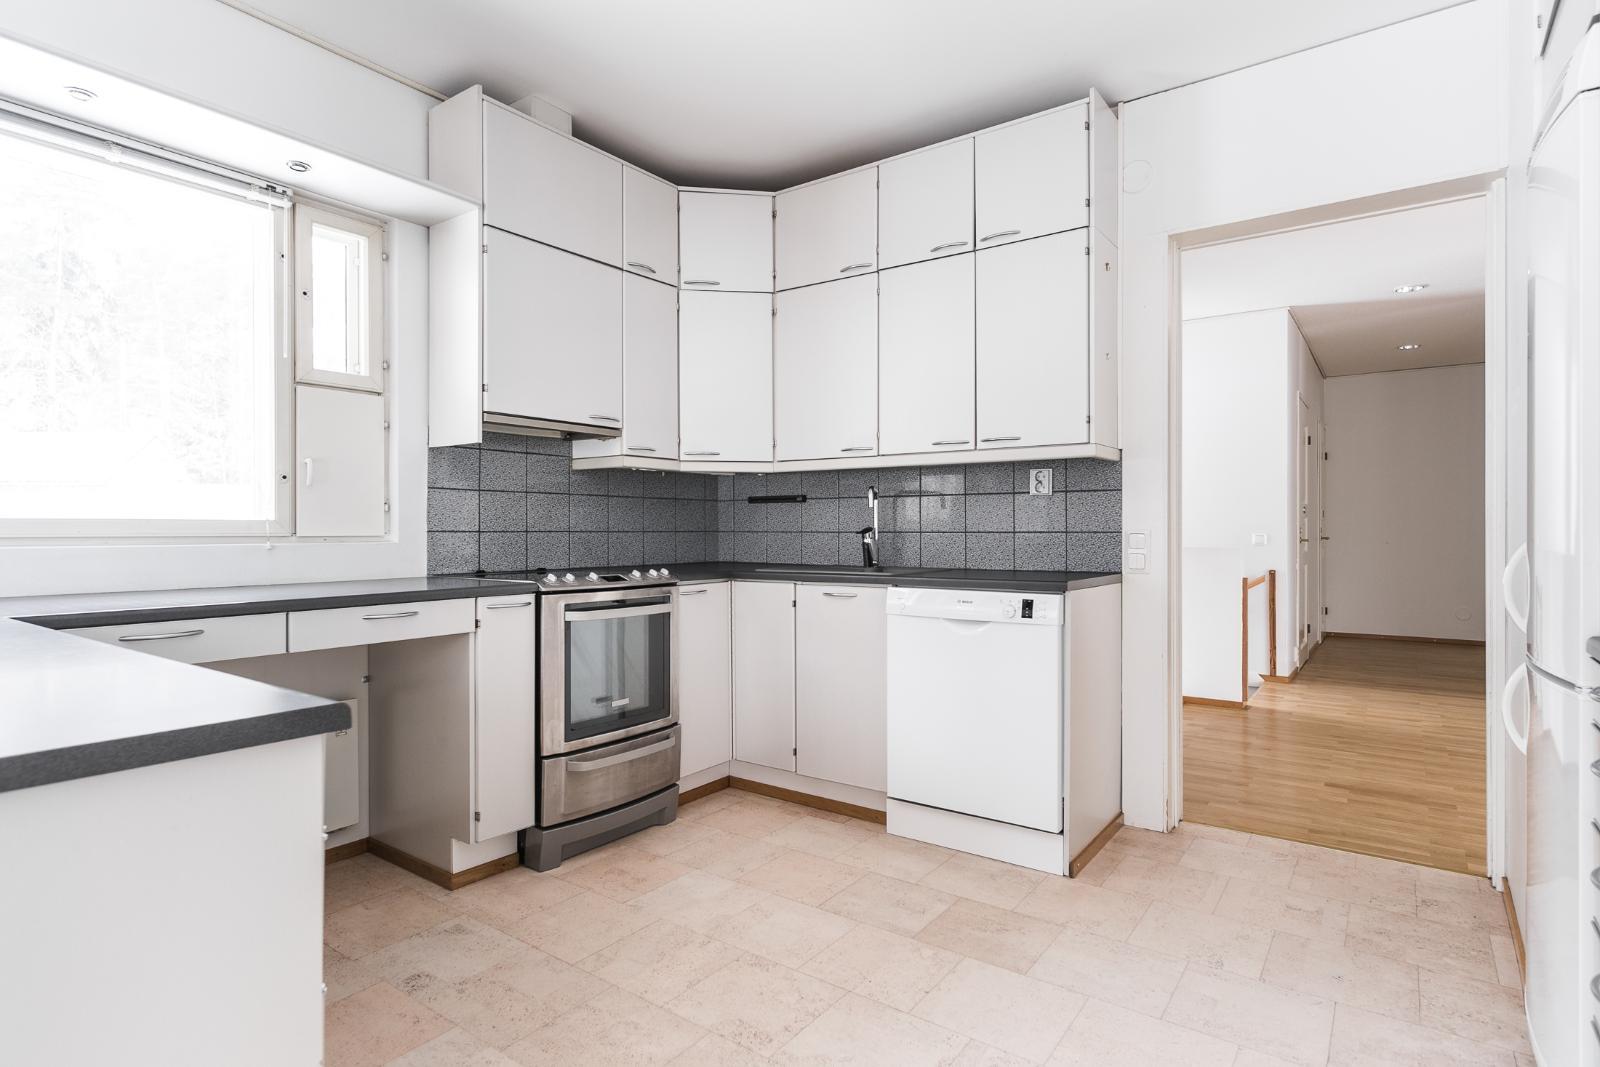 Keittiö, jossa liesiuuni ja astianpesukone uusittu 2020 (kuvassa vanhat kodinkoneet) title=